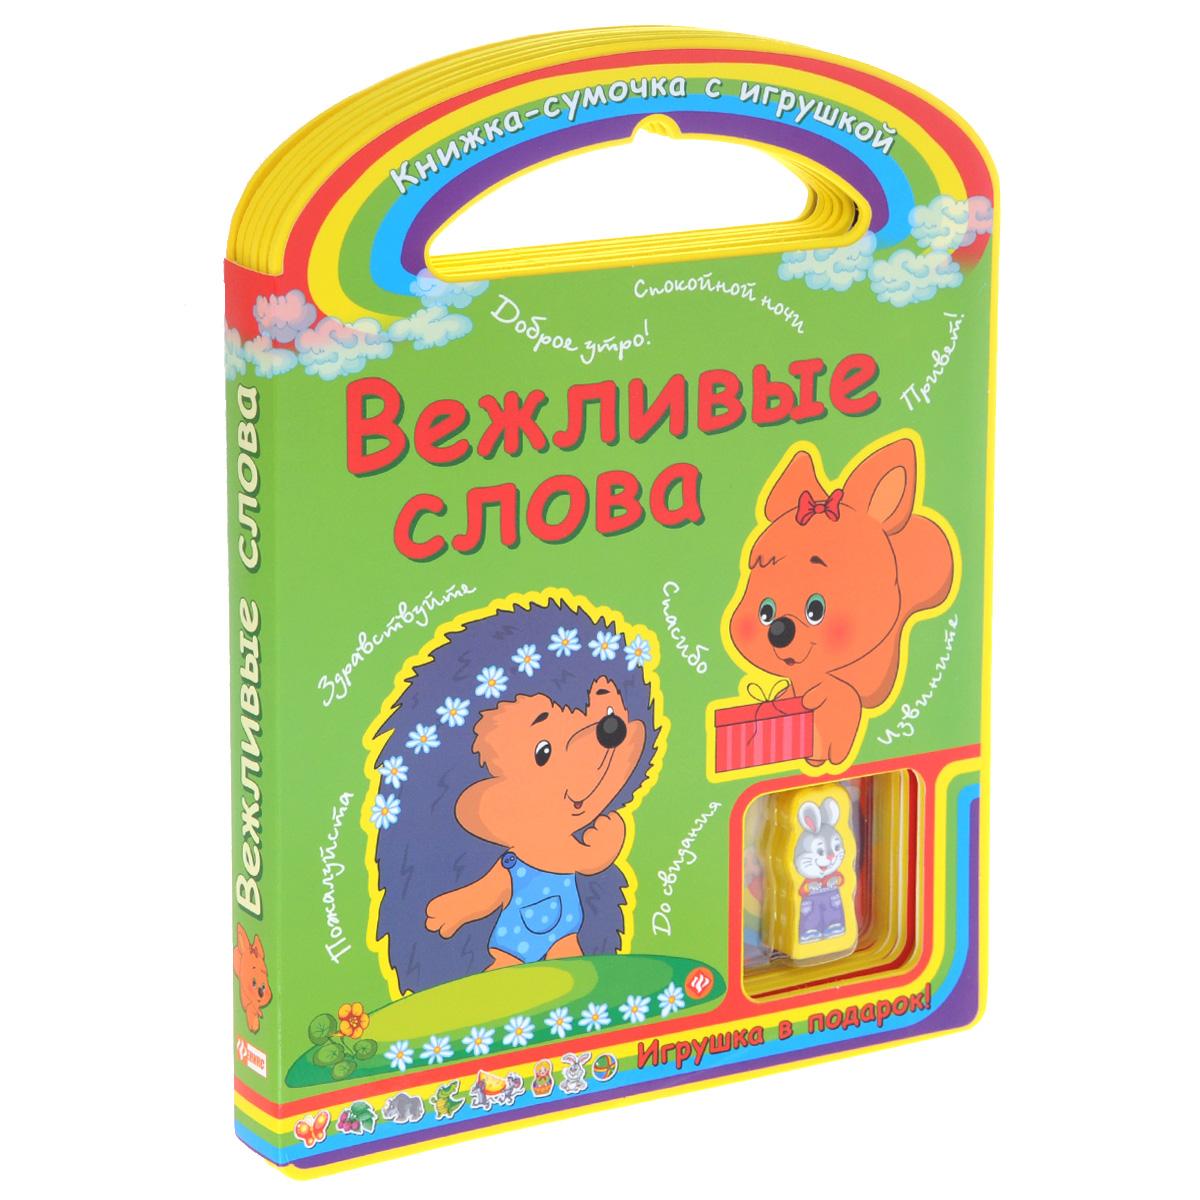 Вежливые слова. Книжка-игрушка12296407С данной книгой ребенок в игровой форме узнает что вежливые слова и научится быть культурным. У толстых страниц этой книги округлые края, о которые нельзя пораниться, странички не рвутся и не пачкаются. Несмотря на большой размер, книжка почти ничего не весит, поэтому малышу не составит никакого труда удержать ее в руках. Книга отпечатана на высокосортном ламинированном картоне с вкладышами из пенки - легкого, яркого, прочного и экологически безопасного материала. К книге прилагается игрушка - Зайка. Размер Зайки: 4,5 см х 2,2 см х 1,5 см. Книжка с вырубкой.